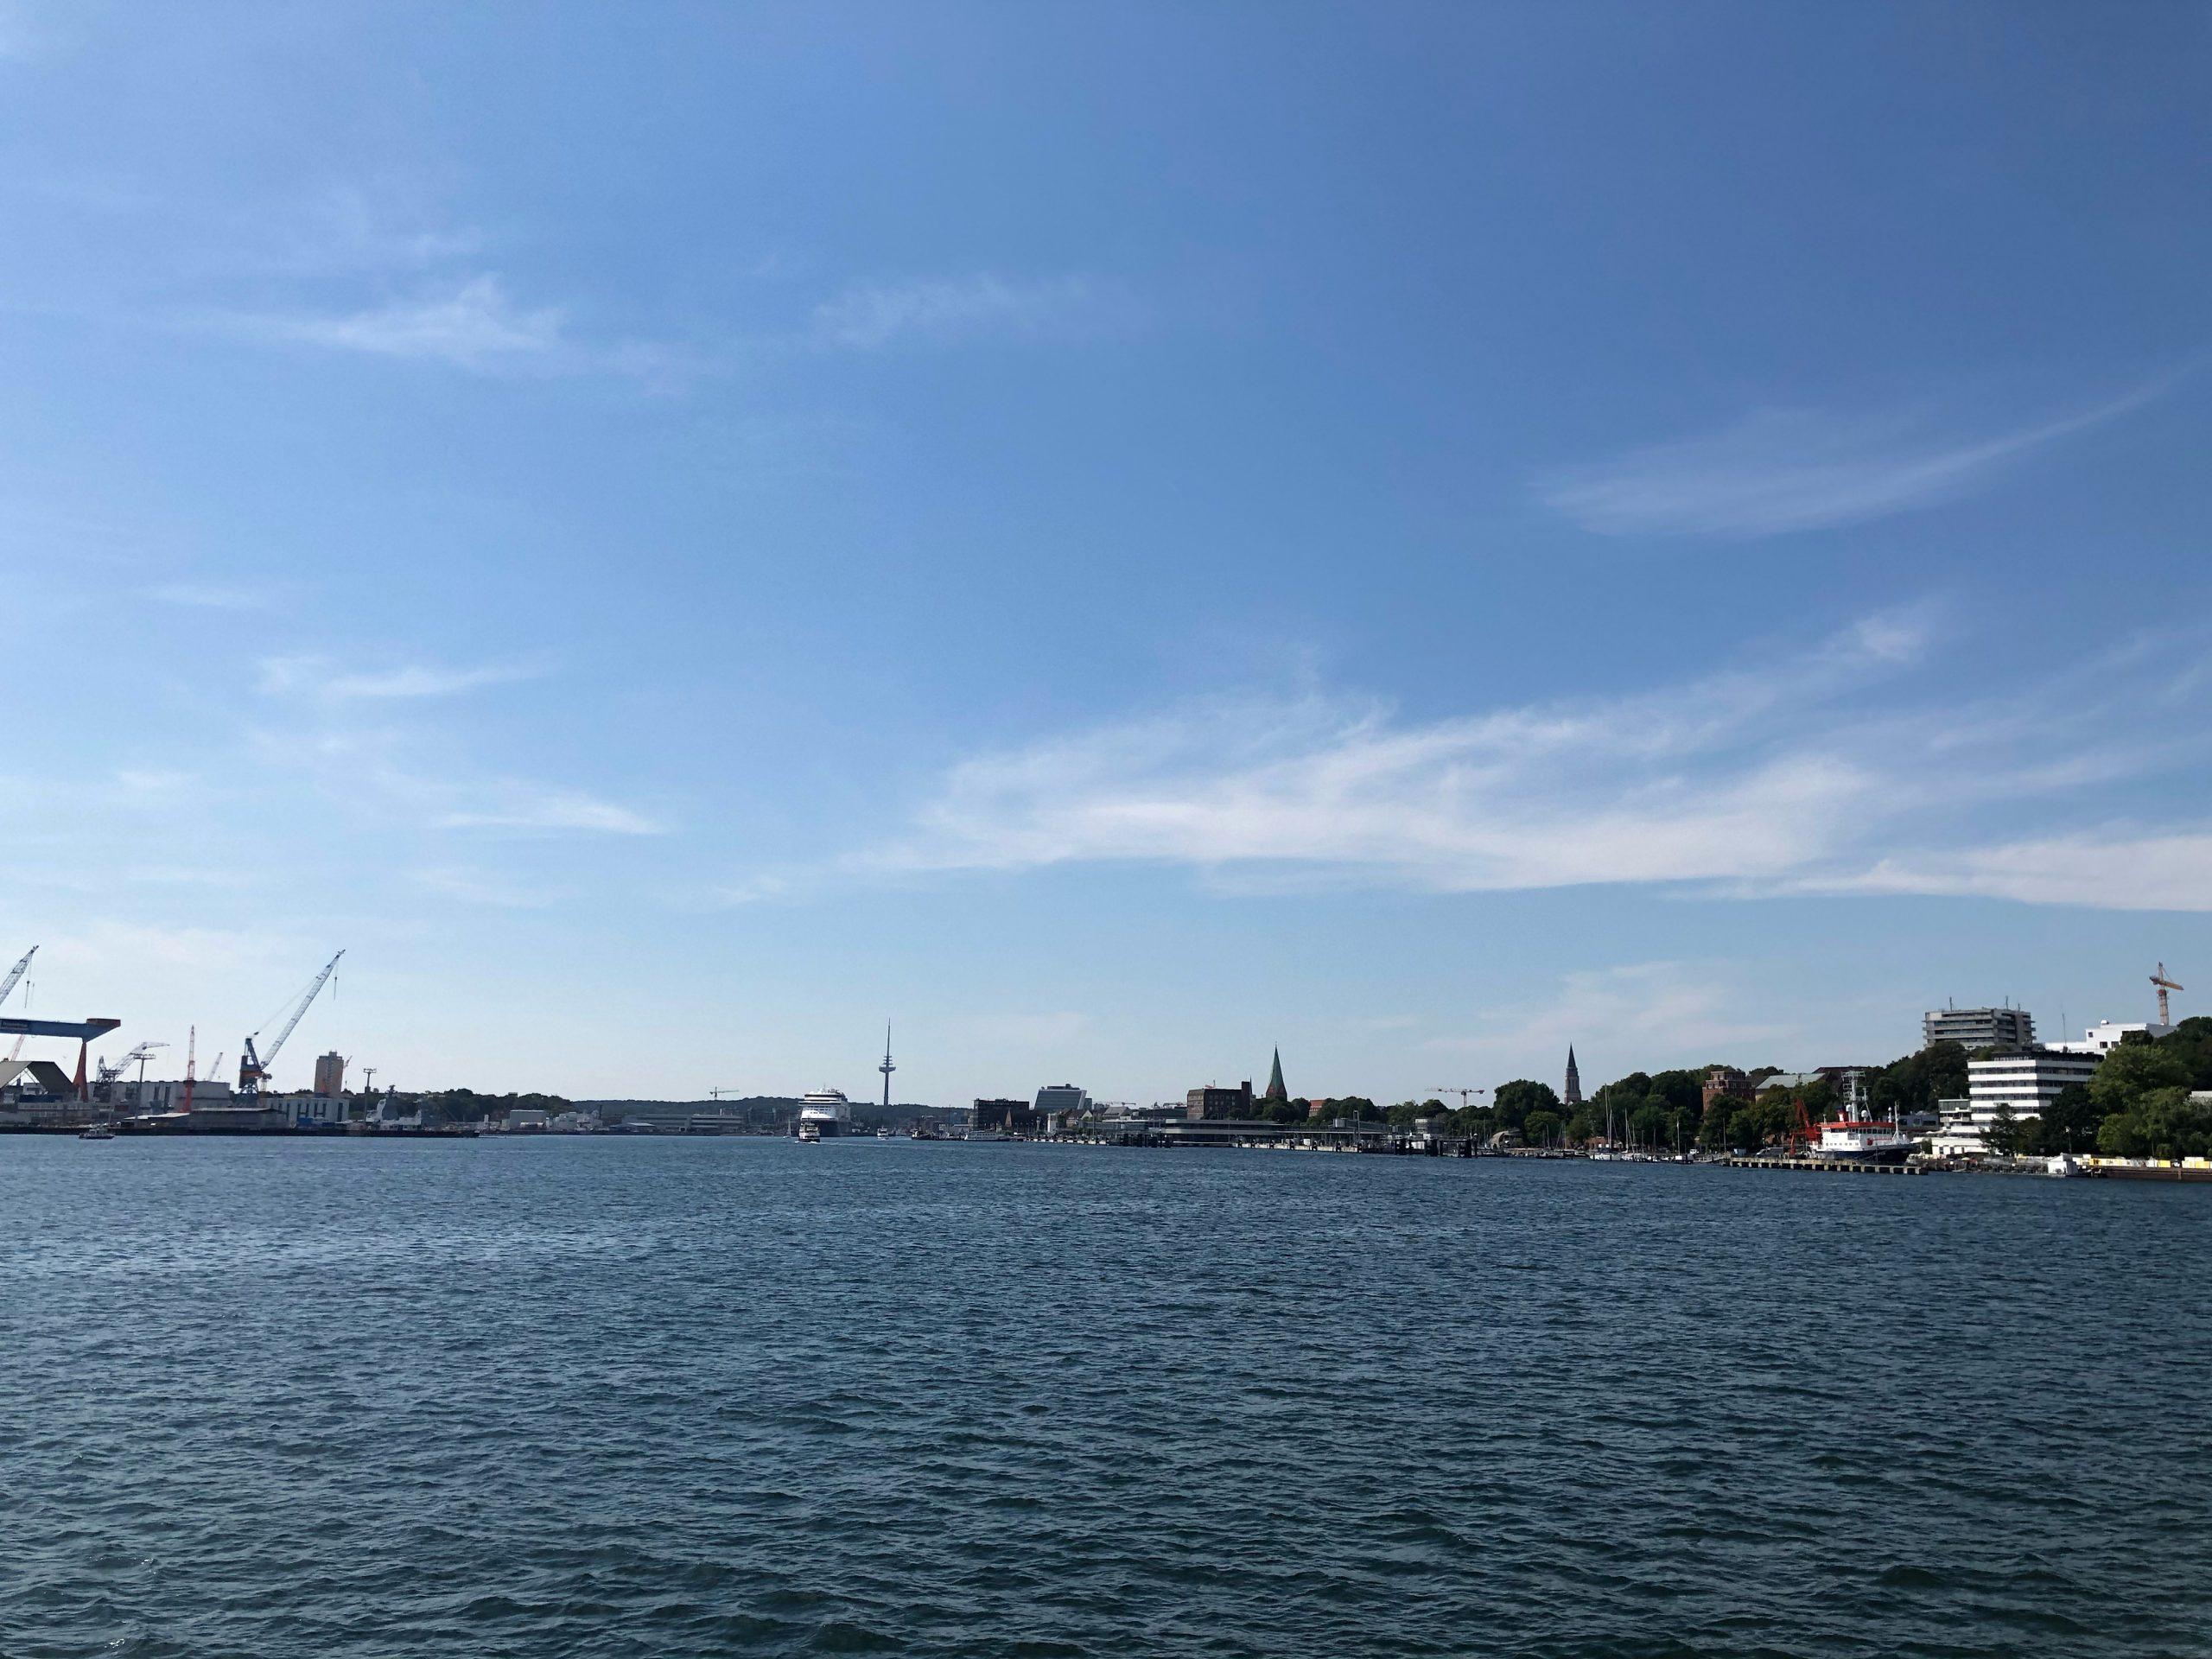 Förde Kiel